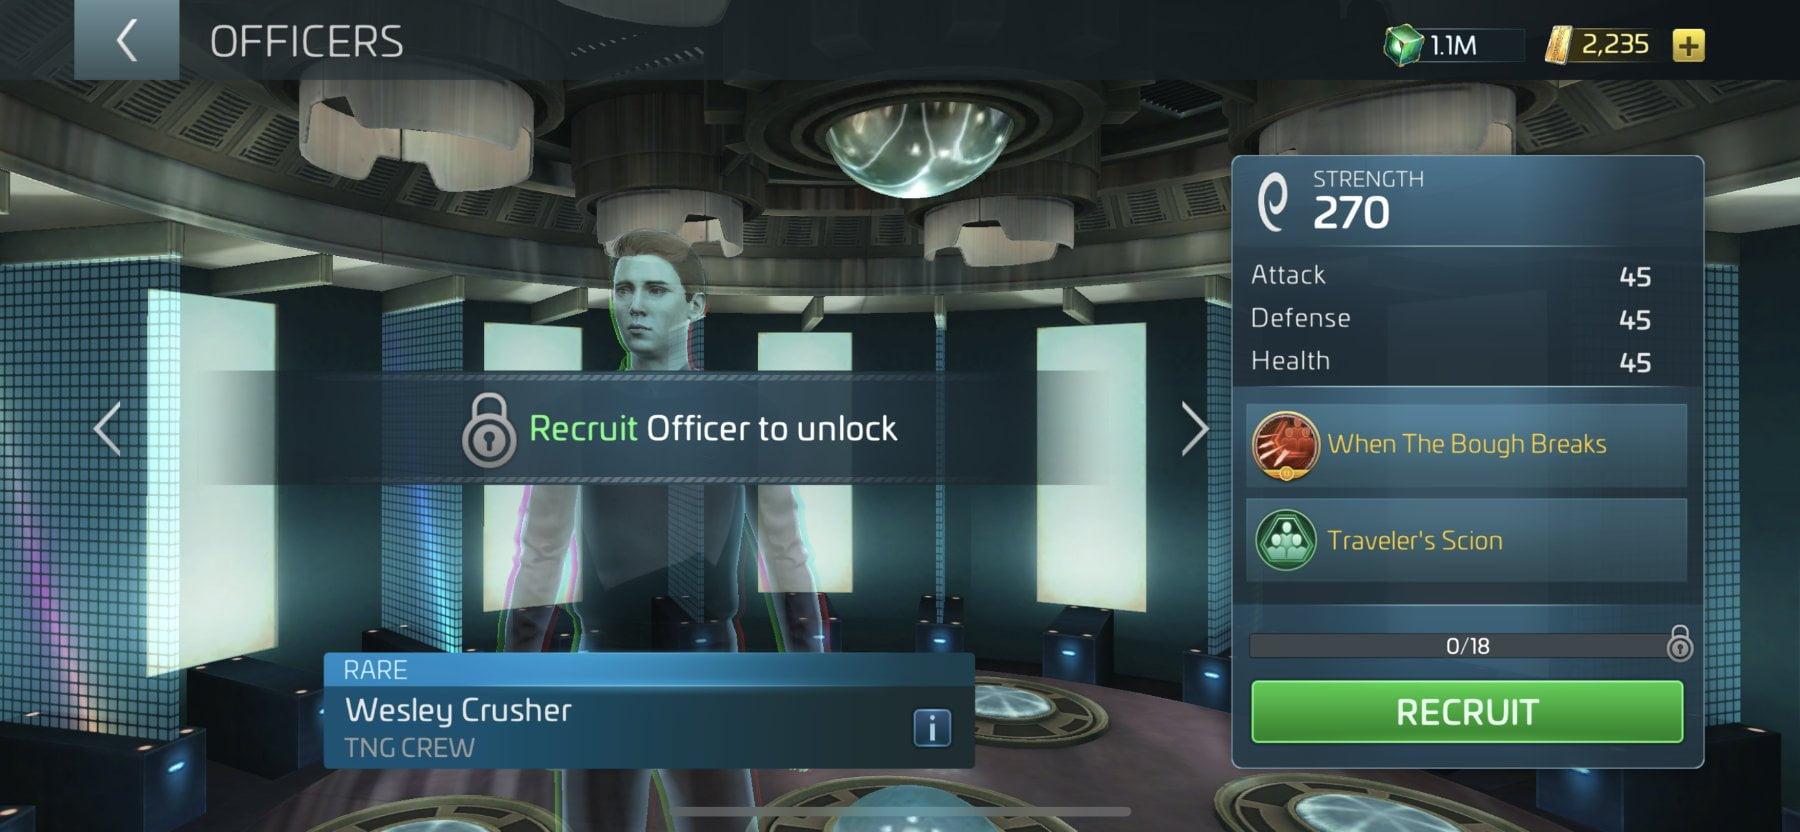 Star Trek Fleet Command Officer Wesley Crusher